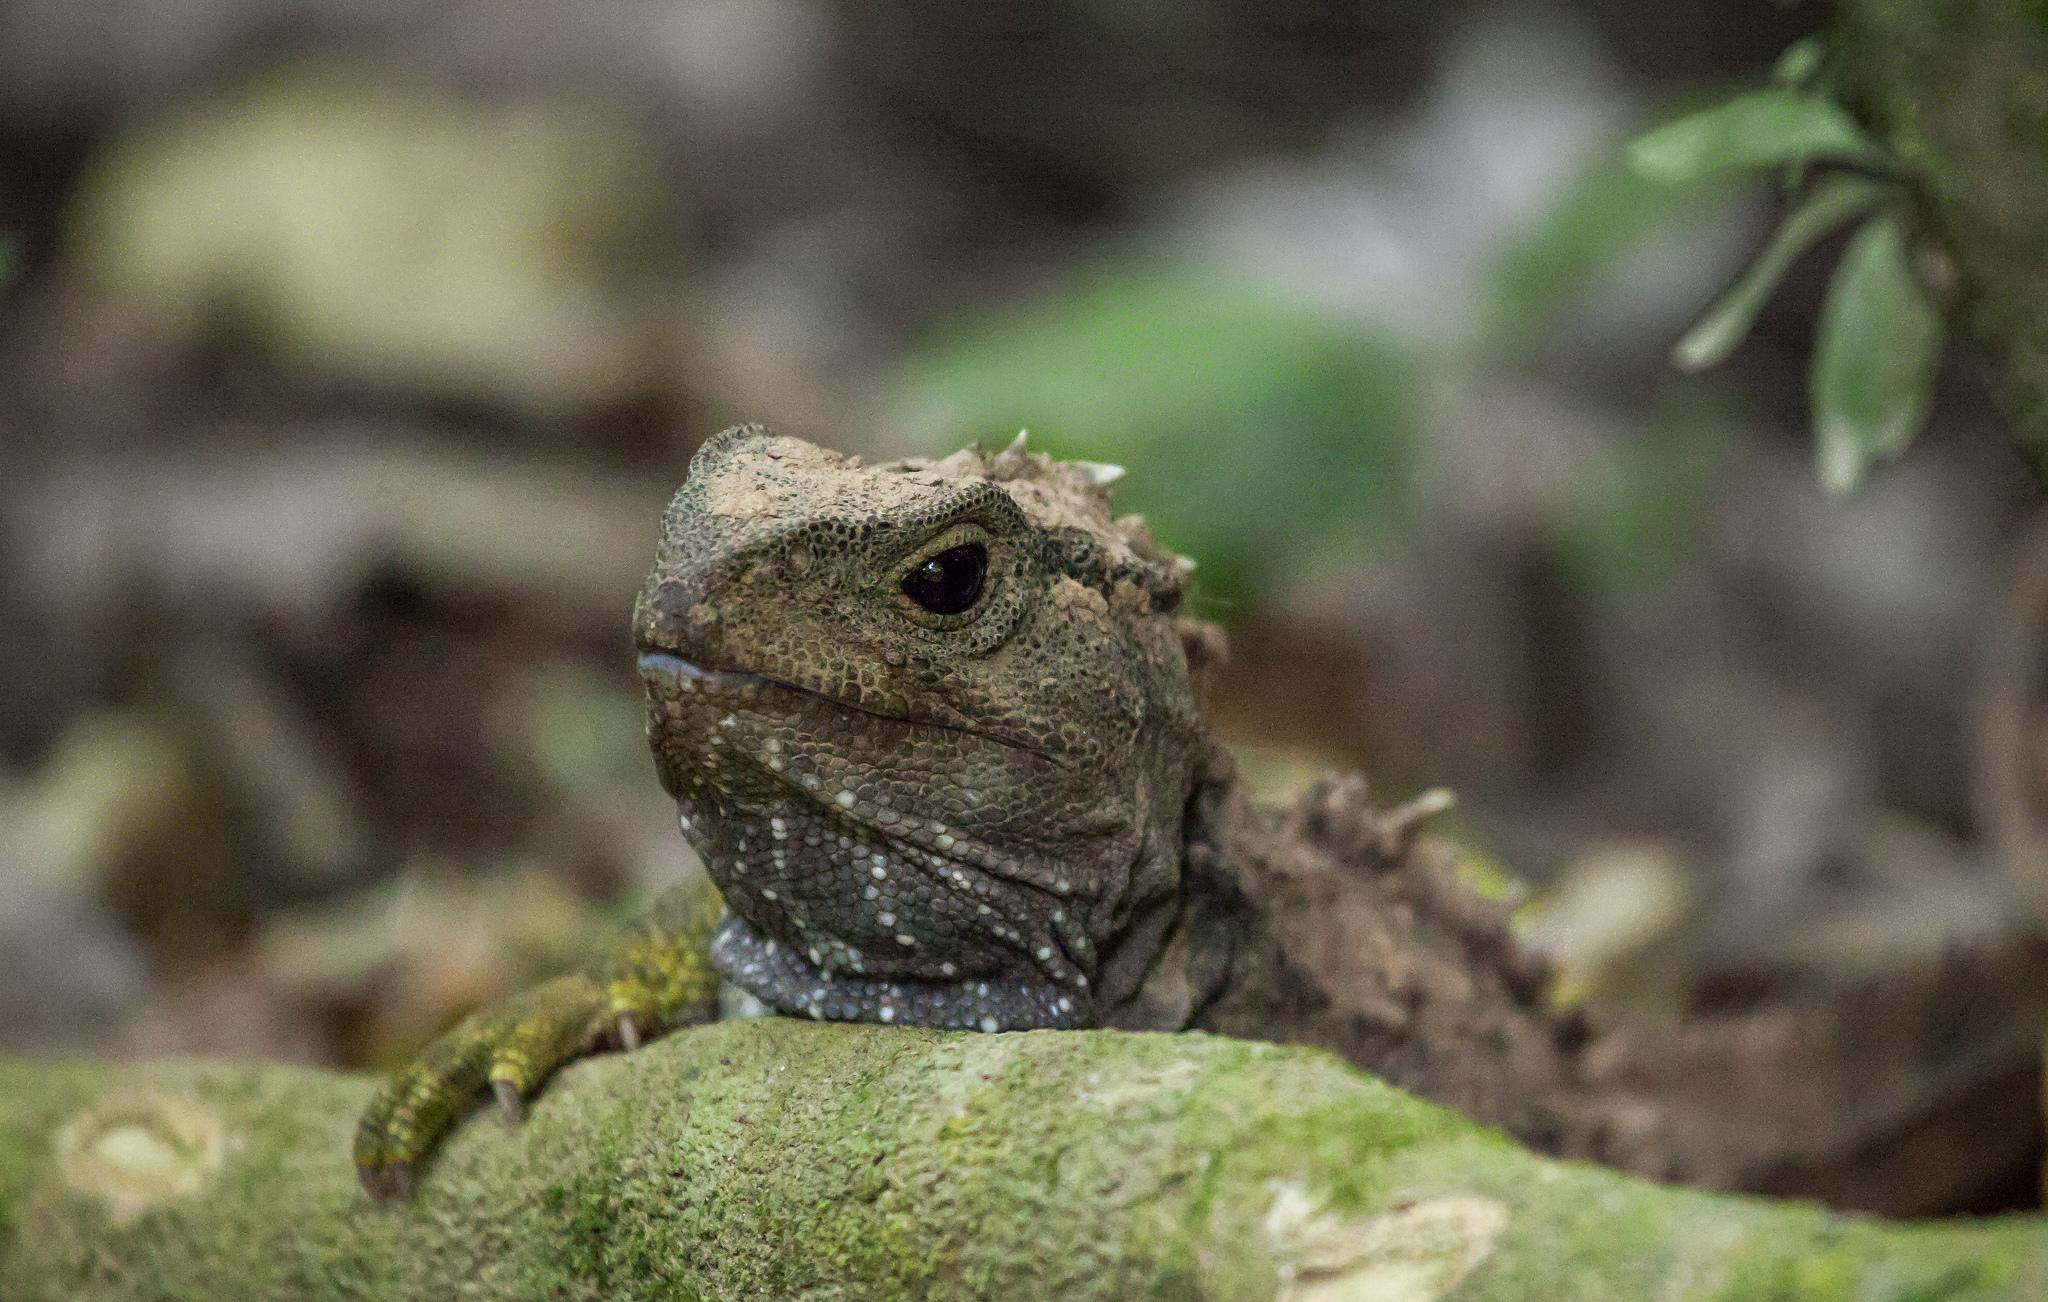 hatteria, endemit, nowa zelandia, tuatara, oko ciemieniowe, żywa skamieniałość, animalistka.pl, animalistka, blog o zwierzętach